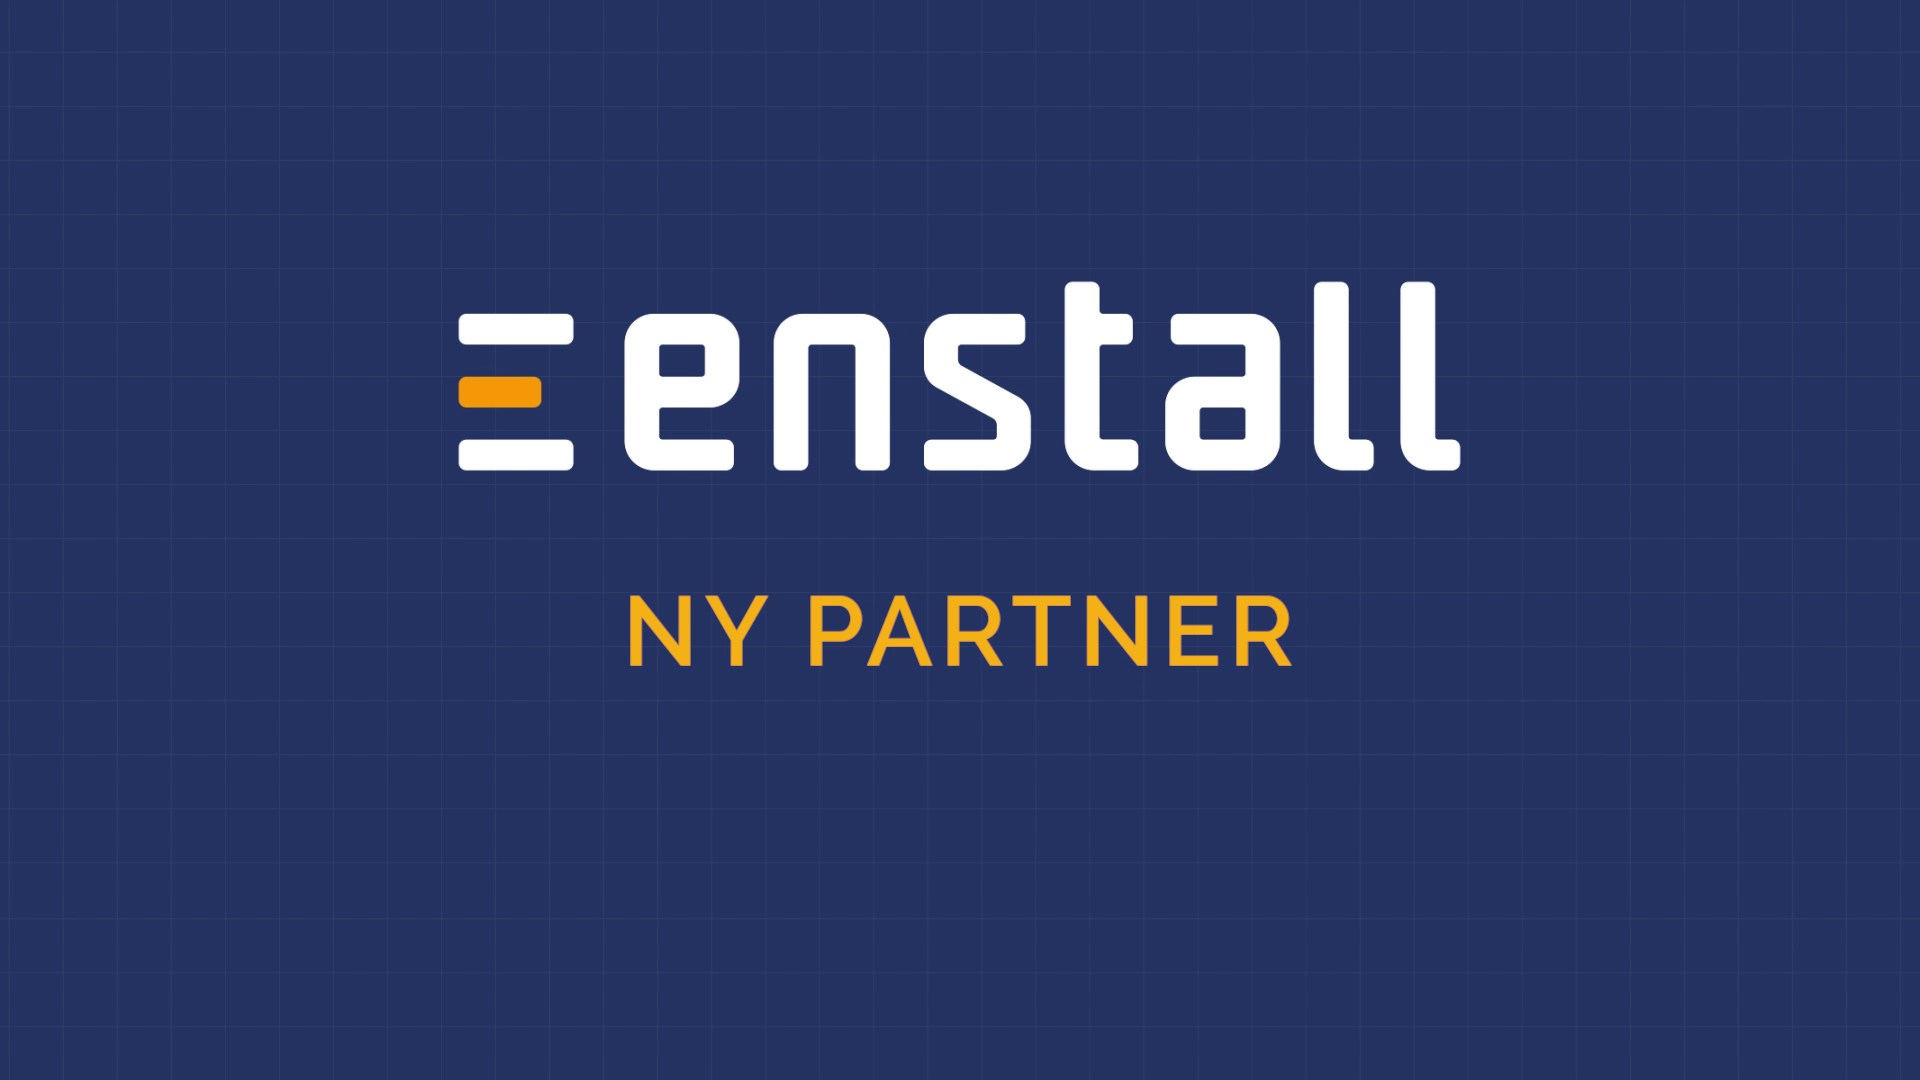 Ny partner i Enstall